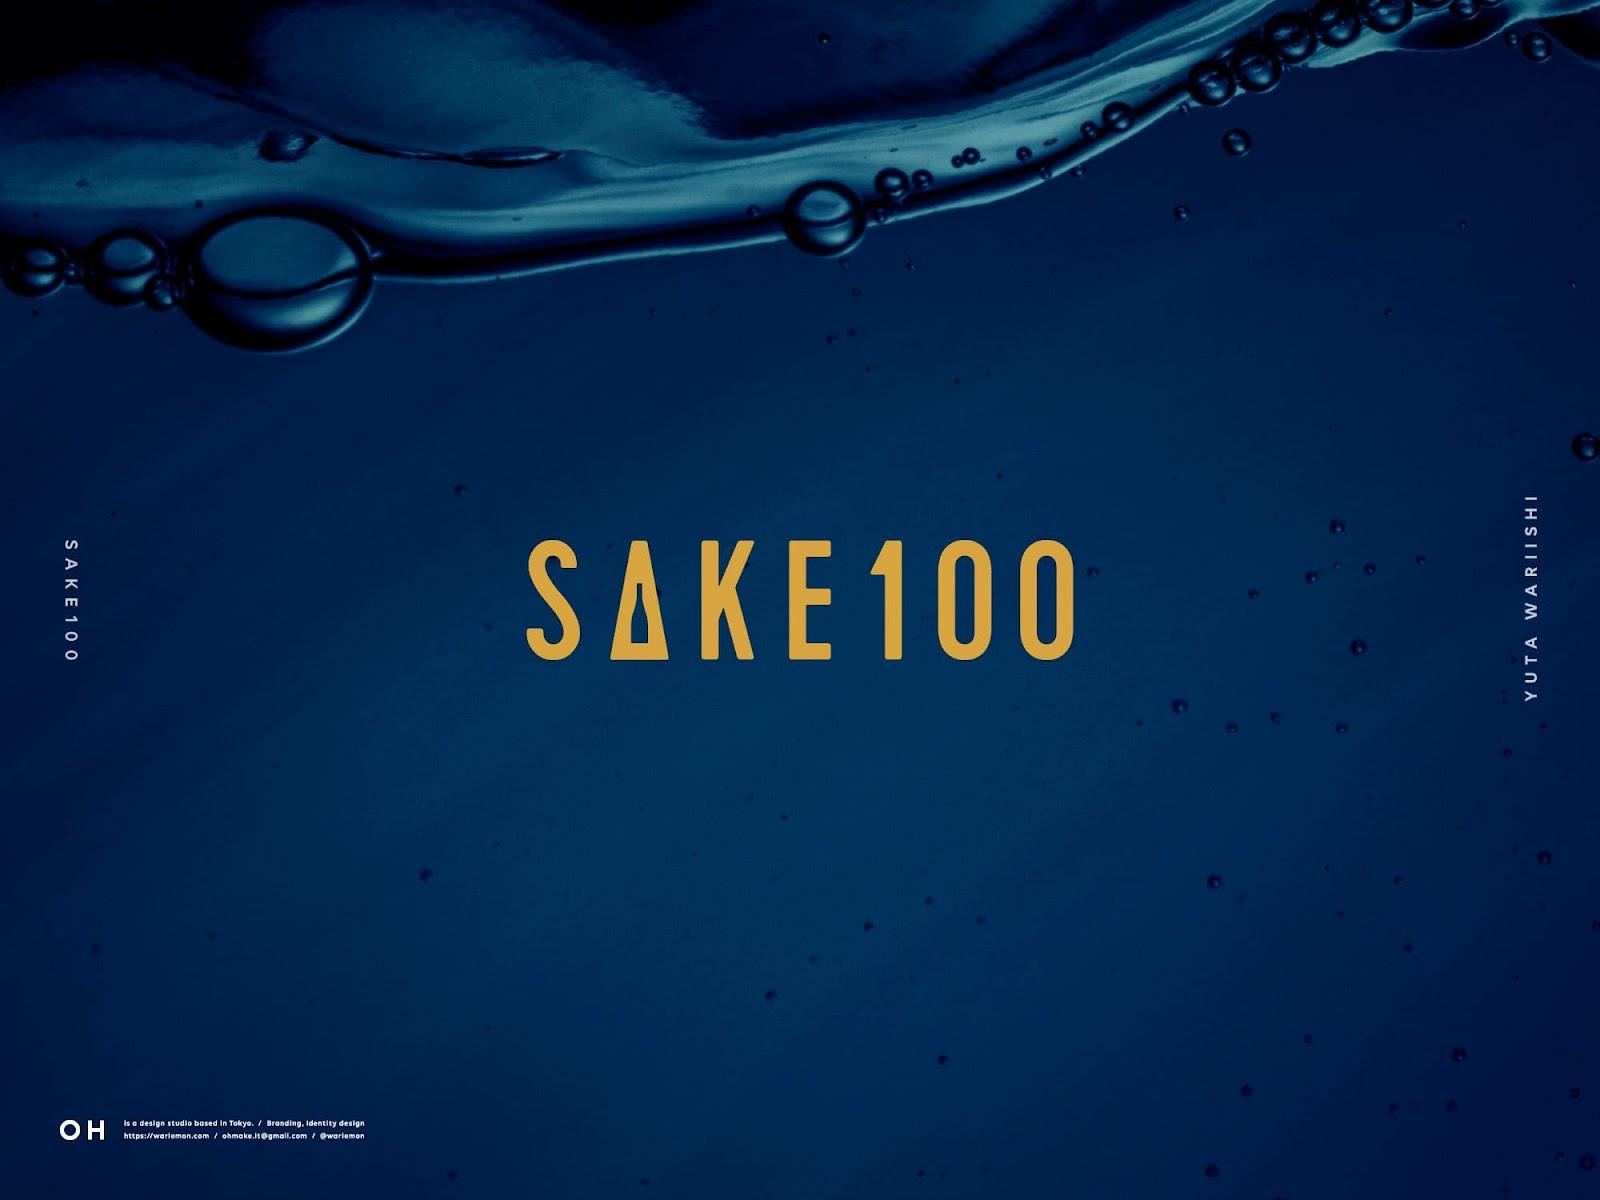 高価格帯日本酒ブランド『SAKE100』 のBIデザイン